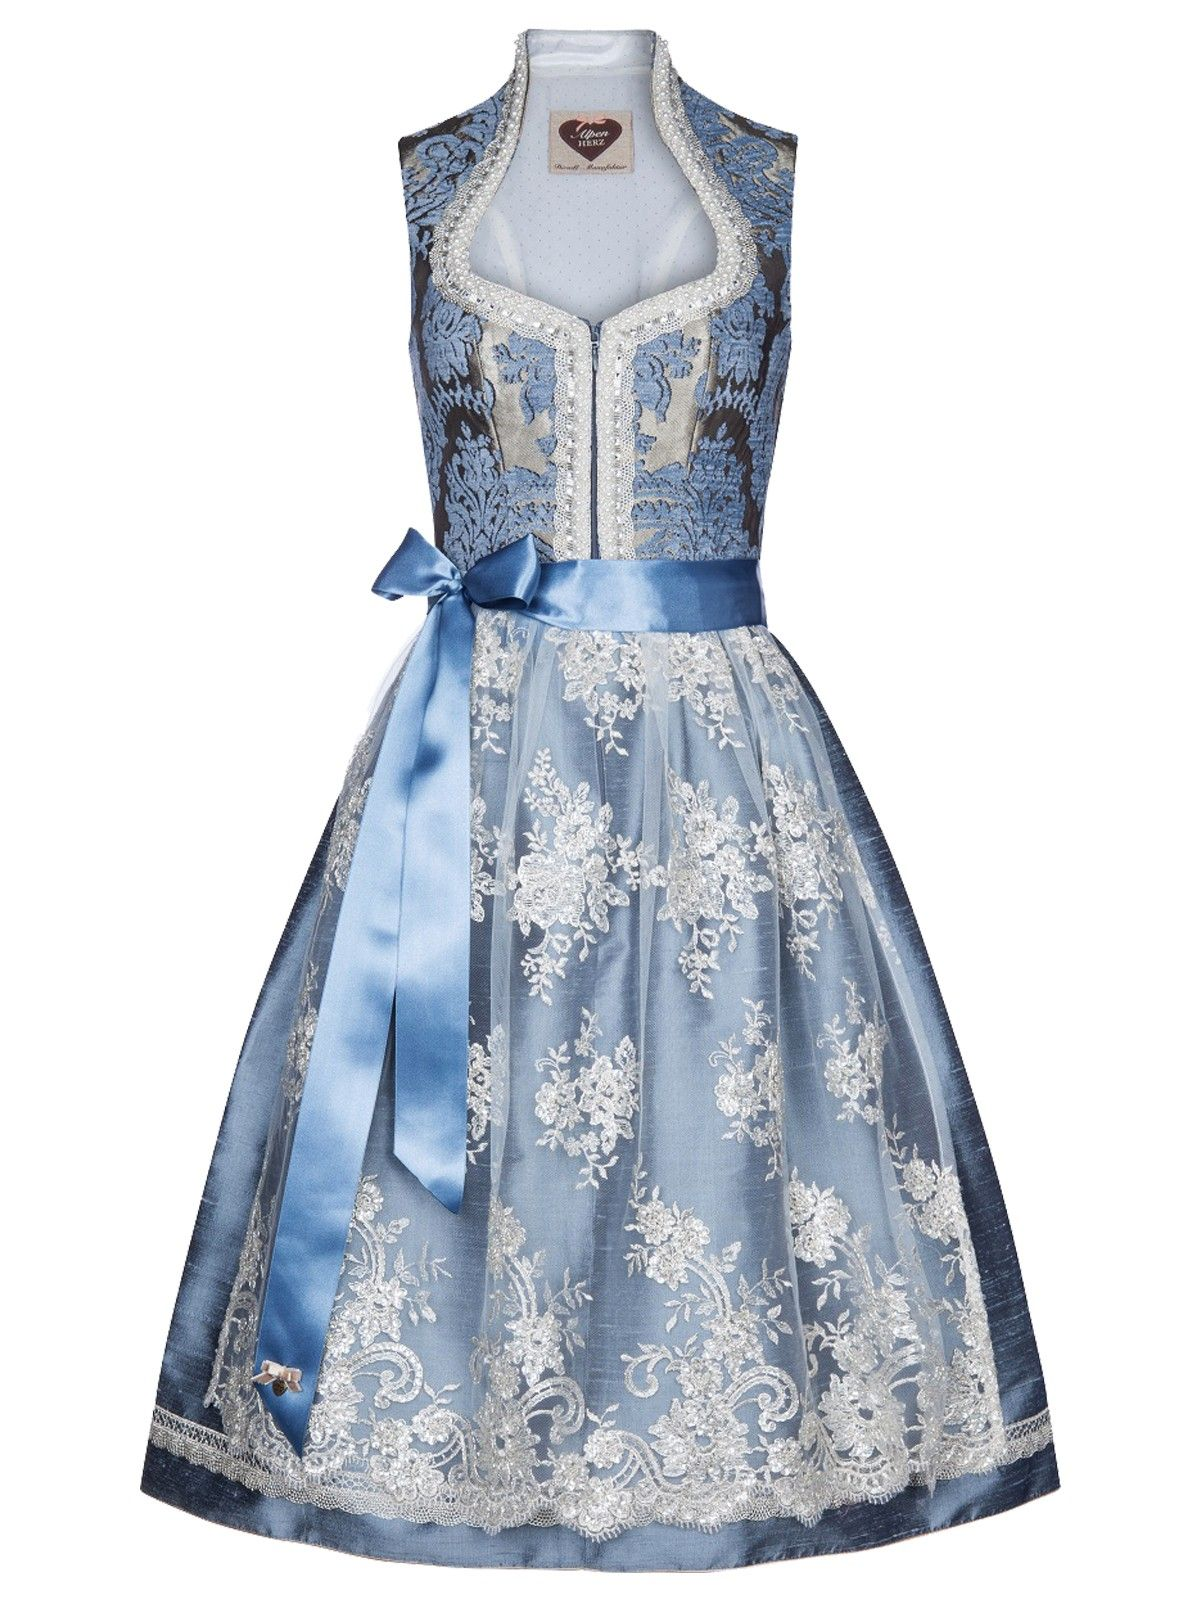 Alpenherz Hochzeits Dirndl In Blau Viktoria Hellblau Limberry De Alpenherz Dirndl Dirndl Braut Dirndl